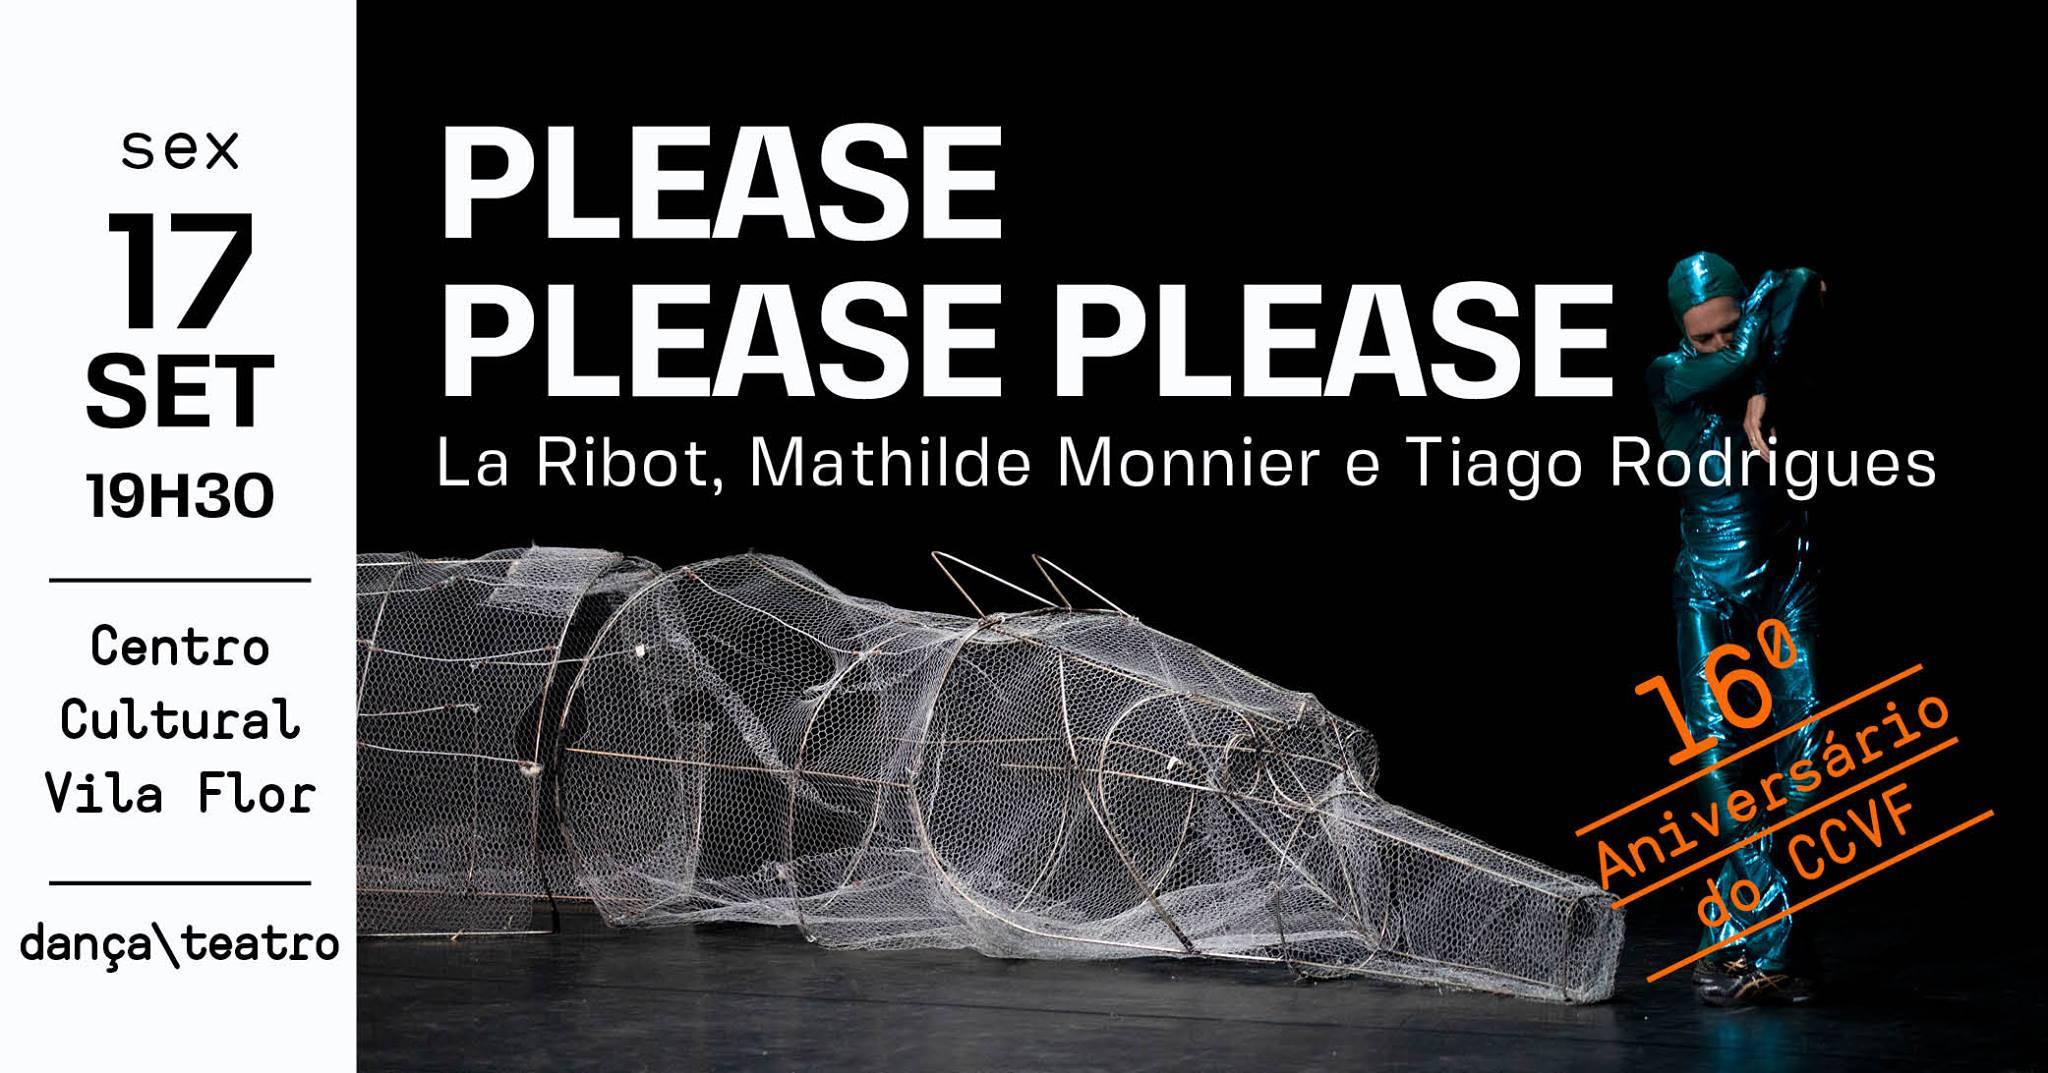 Please Please Please • La Ribot, Mathilde Monnier e Tiago Rodrigues